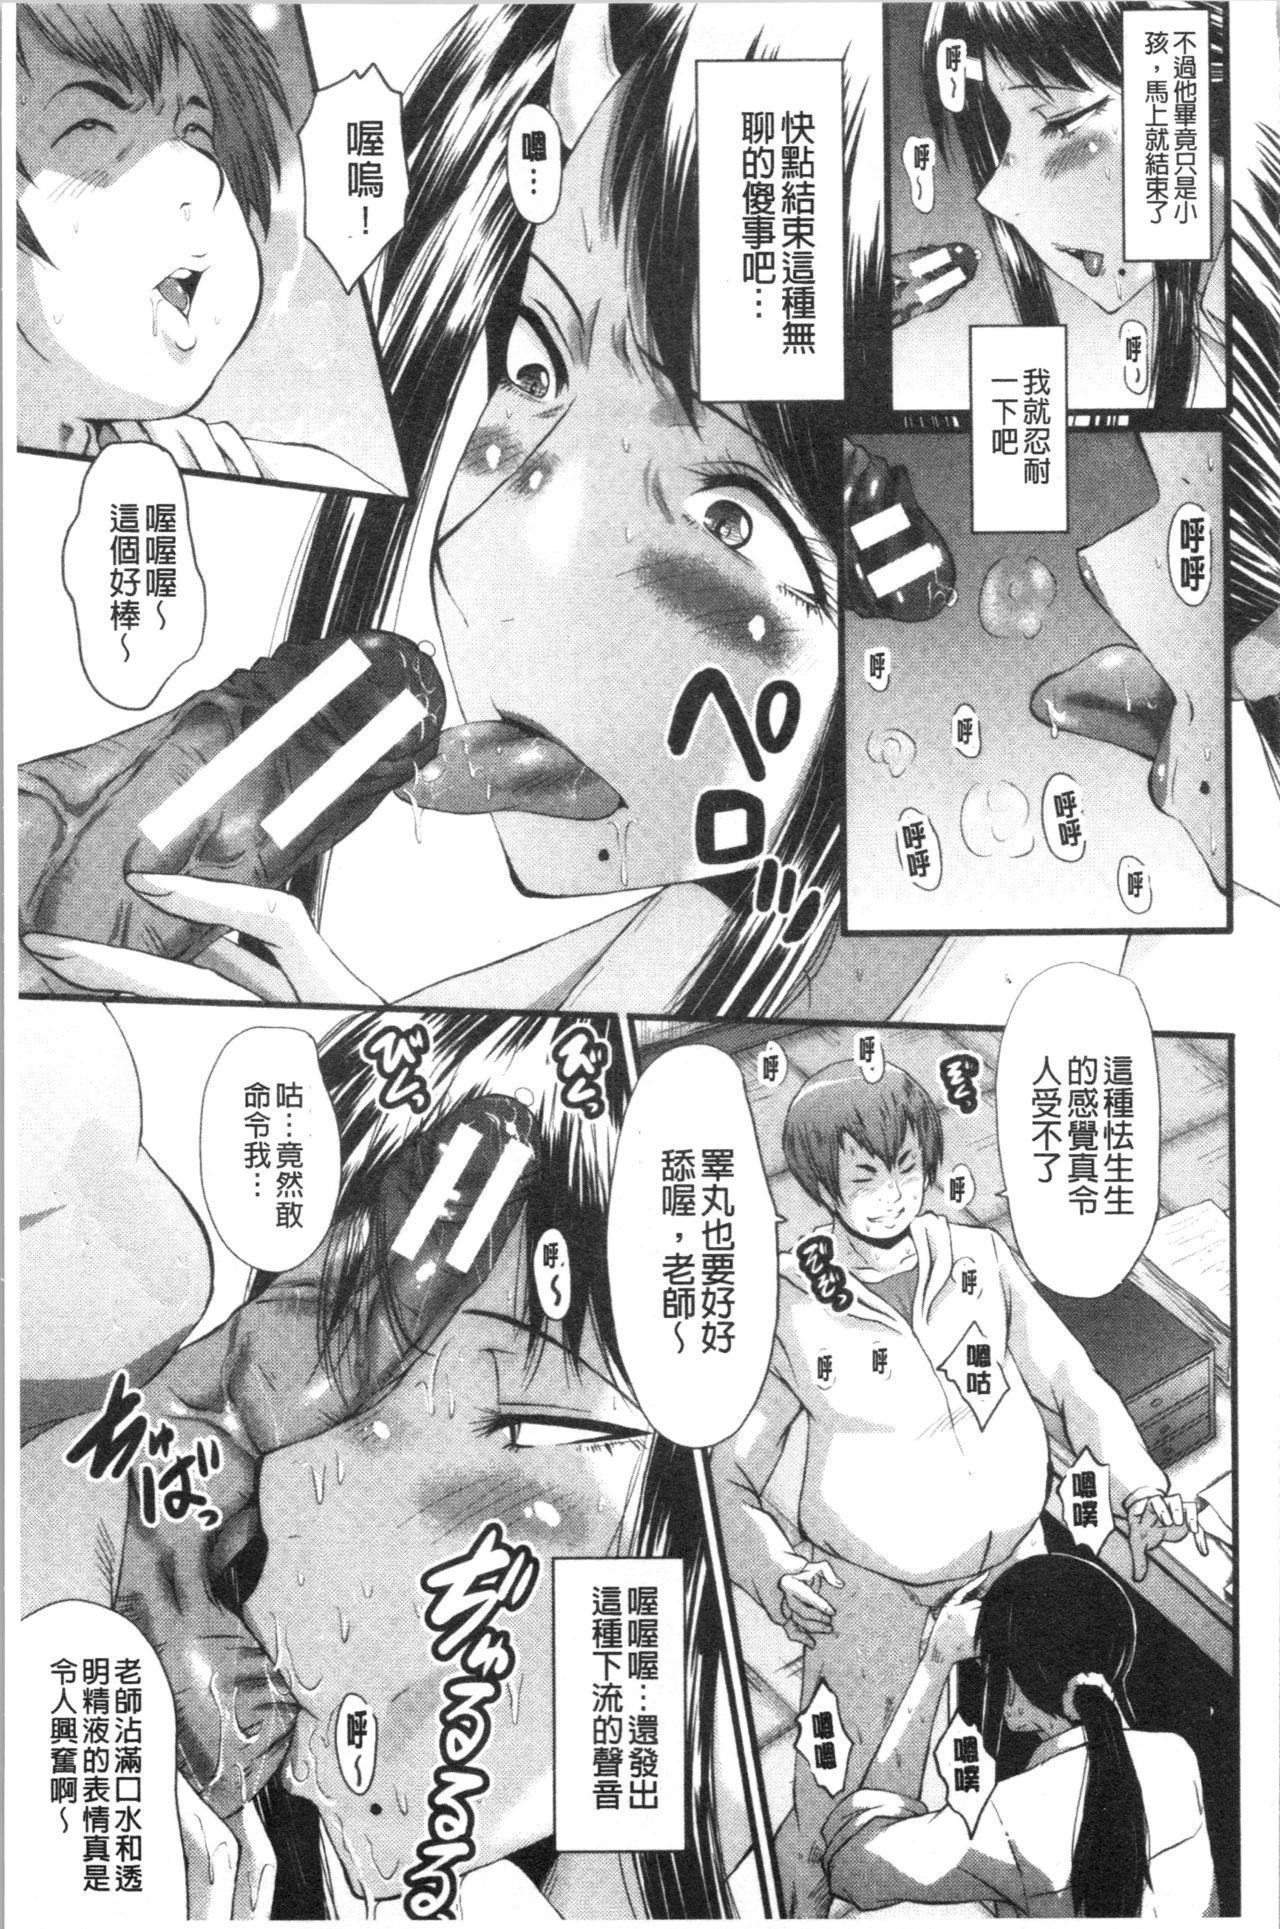 Bokuno Kanojo ga Kusogaki ni Netorareta Hanashi 60